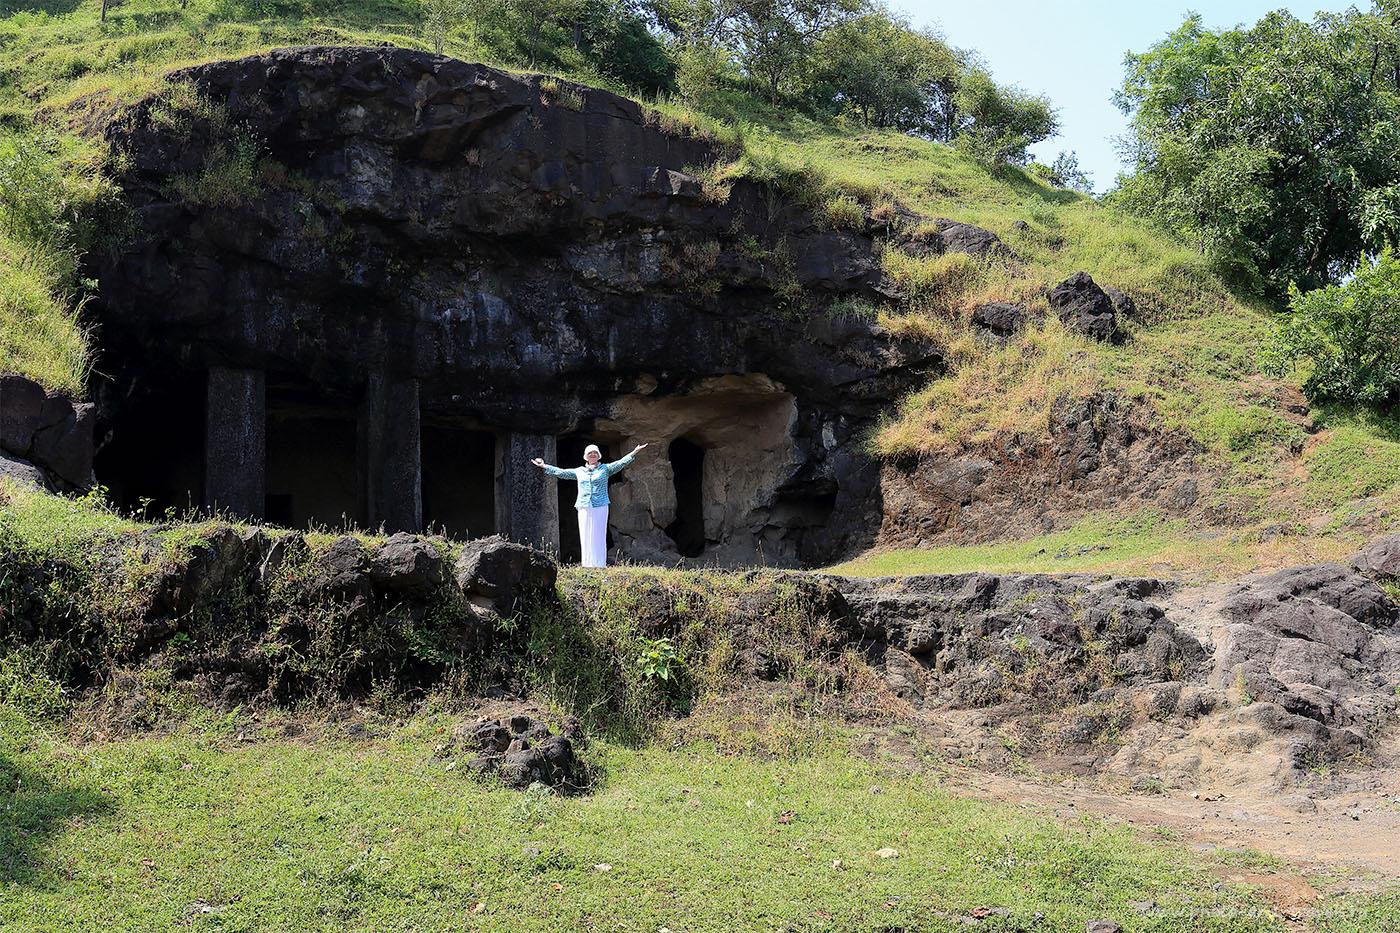 18. Пещеры восточного склона. Отчет о поездке на остров Элефанта самостоятельно (17-40, 1/80, -1eV, f9, 24 mm, ISO 100).